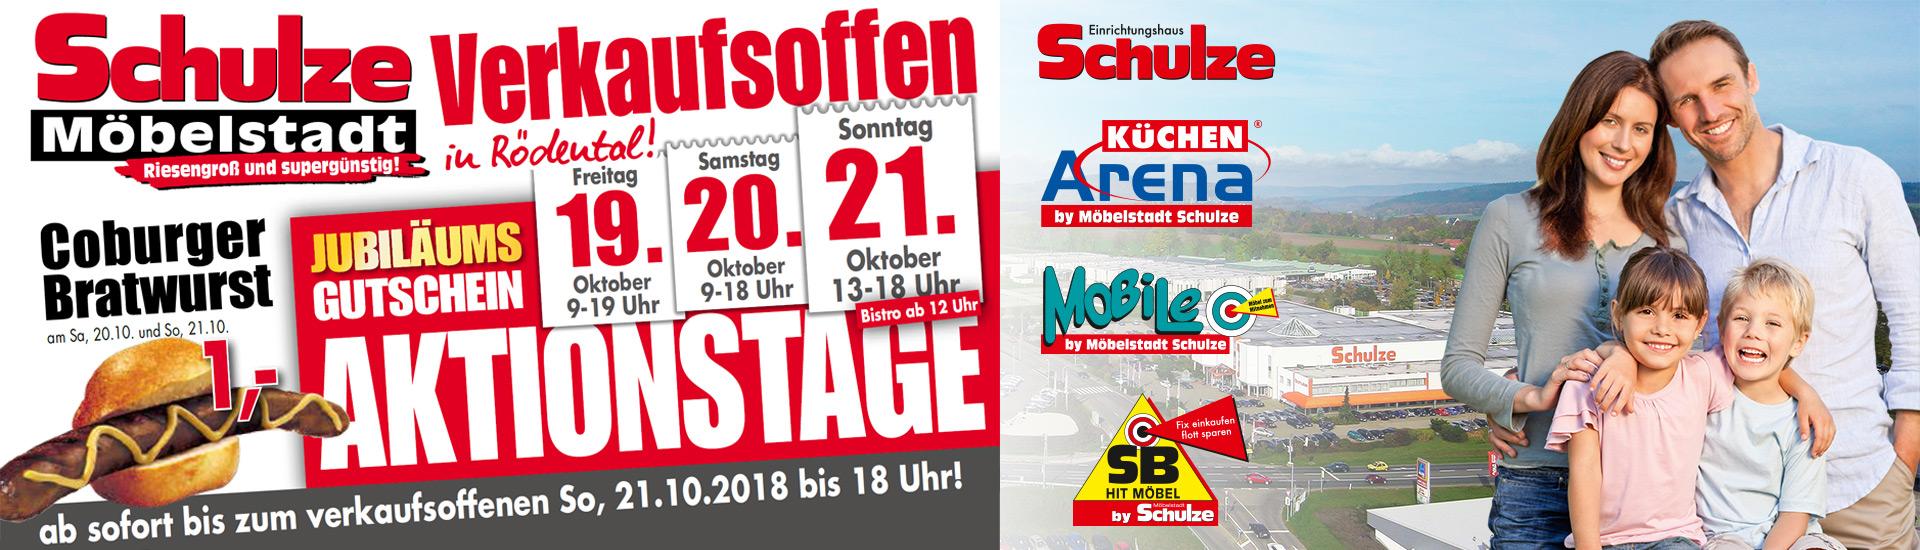 Möbelstadt Schulze - Verkaufsoffen